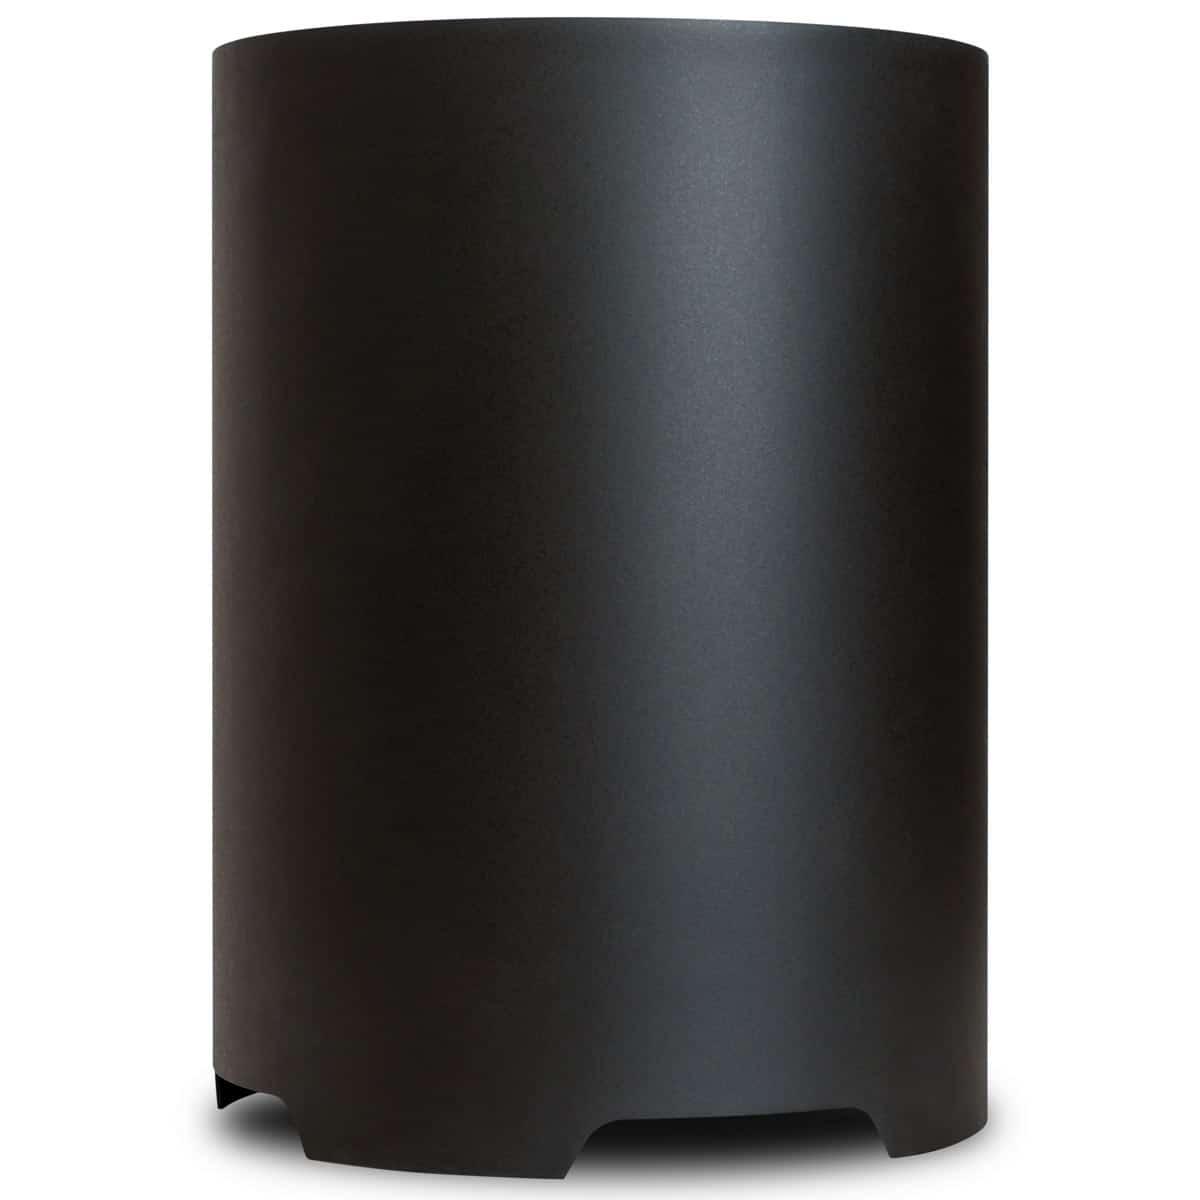 The Cerise Circular Computer